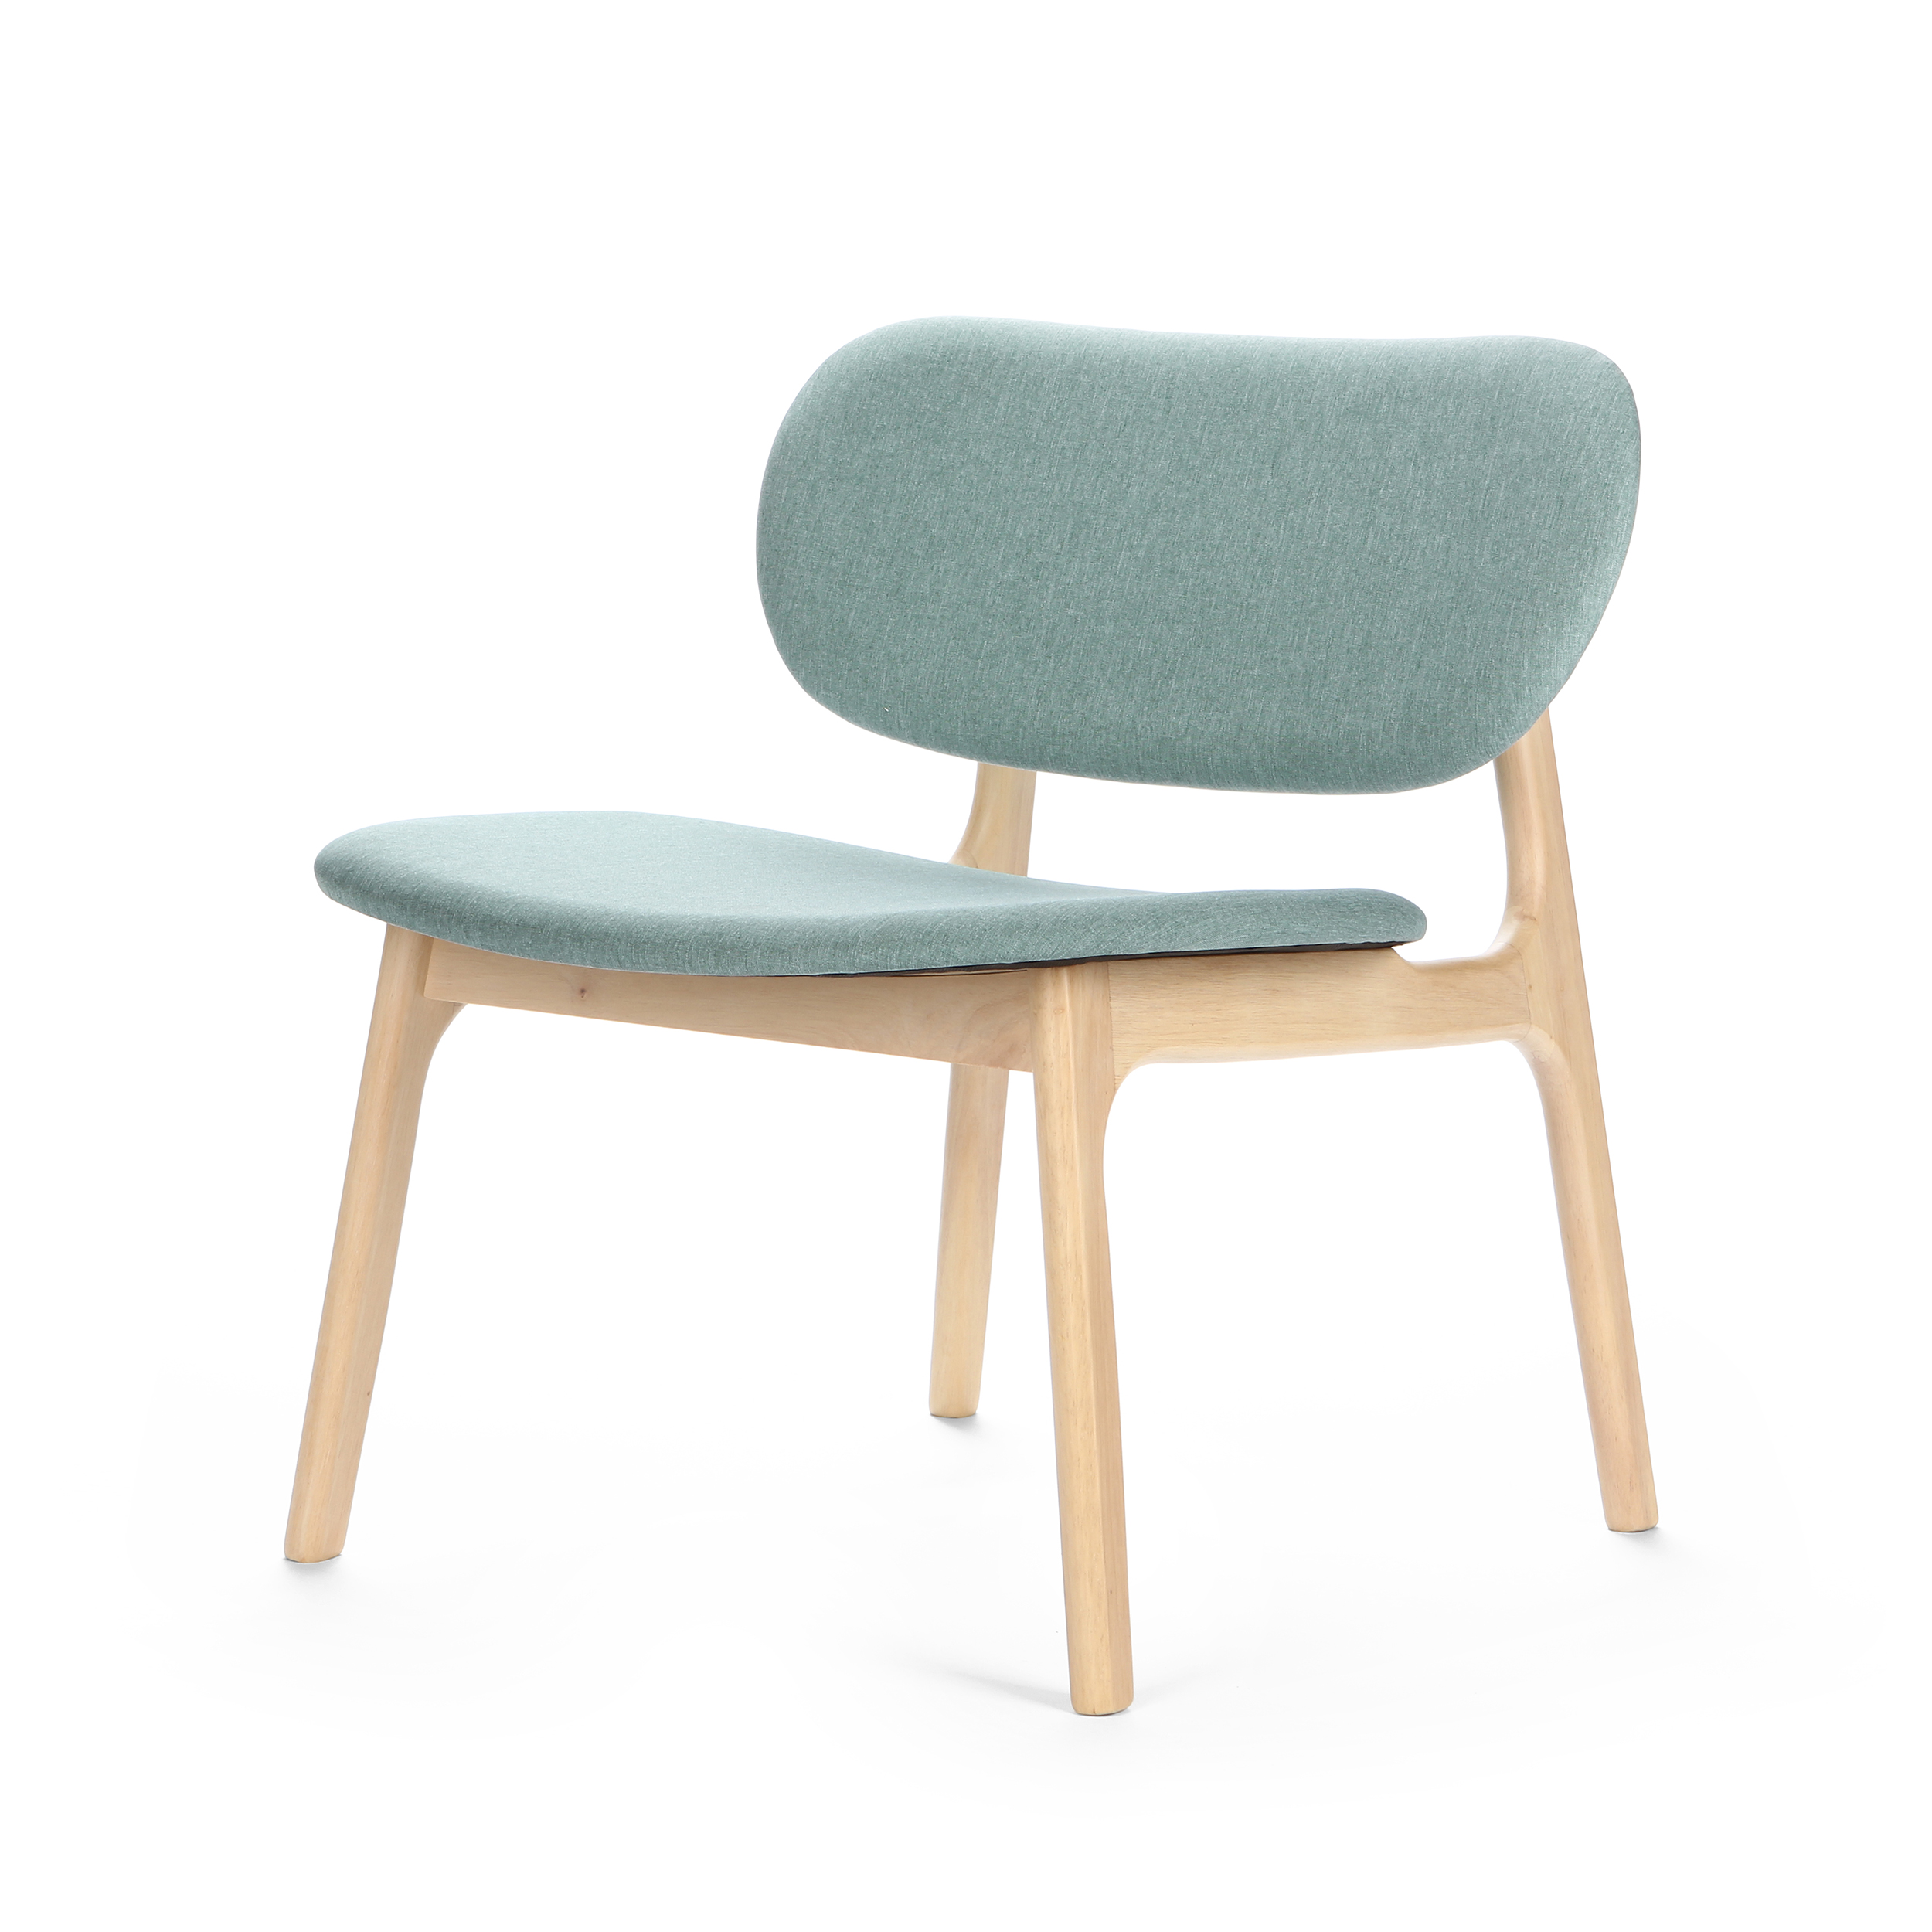 Кресло SandyИнтерьерные<br>Кресло Sandy — это родственник одноименного стула, выполненного в тех же материалах. Широкое сиденье, благодаря которому кресло похоже на скамью, обладает вогнутой формой. Это и отличает модель кресла от классических скамеек, что сделает ваш отдых на нем приятным и расслабляющим. <br> <br> Кресло можно поставить в гостиной, спальной комнате или в коридоре. Обивка светло-голубого цвета, а также каркас из светлой древесины прекрасно подойдут для создания интерьера в скандинавском стиле. Такое сочет...<br><br>stock: 4<br>Высота: 77,5<br>Высота сиденья: 43<br>Ширина: 66,5<br>Глубина: 59<br>Цвет ножек: Белый<br>Наполнитель: Пена<br>Материал ножек: Массив каучукового дерева<br>Материал обивки: Полиэстер<br>Тип материала обивки: Ткань<br>Тип материала ножек: Дерево<br>Цвет обивки: Бирюзовый